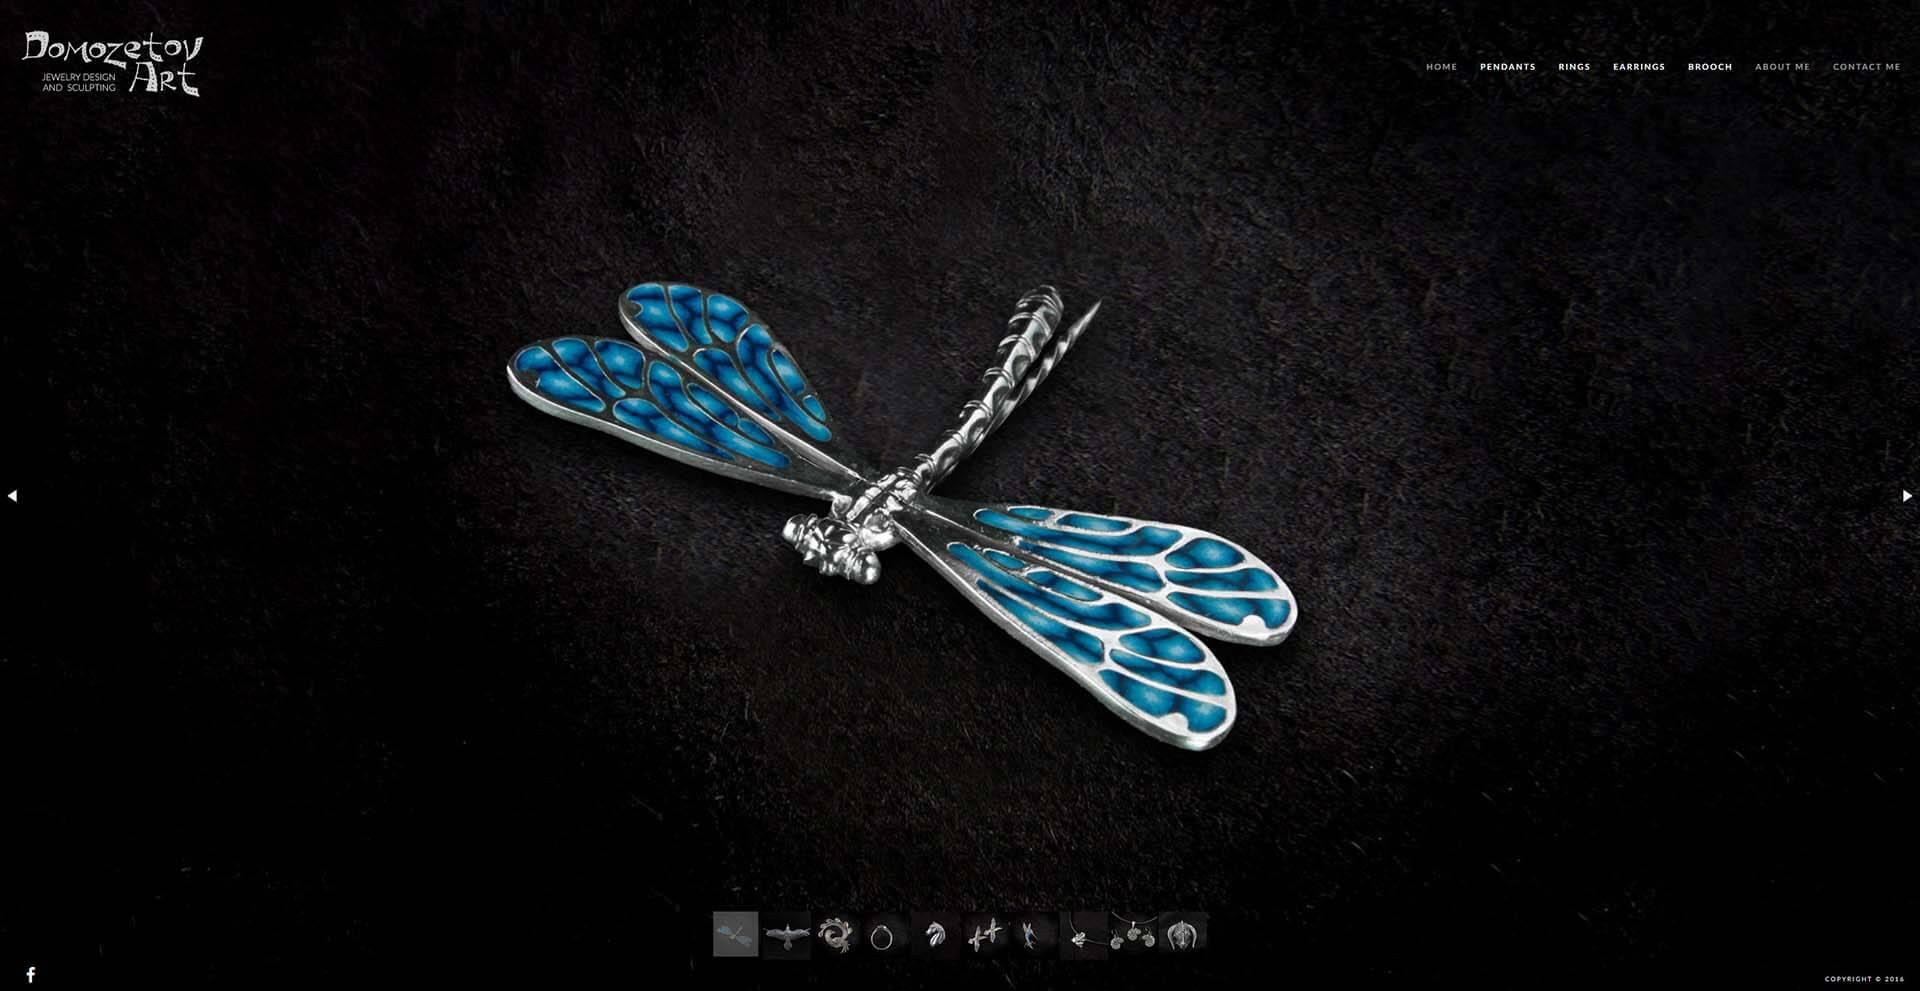 Domozetov Art Dragonfly